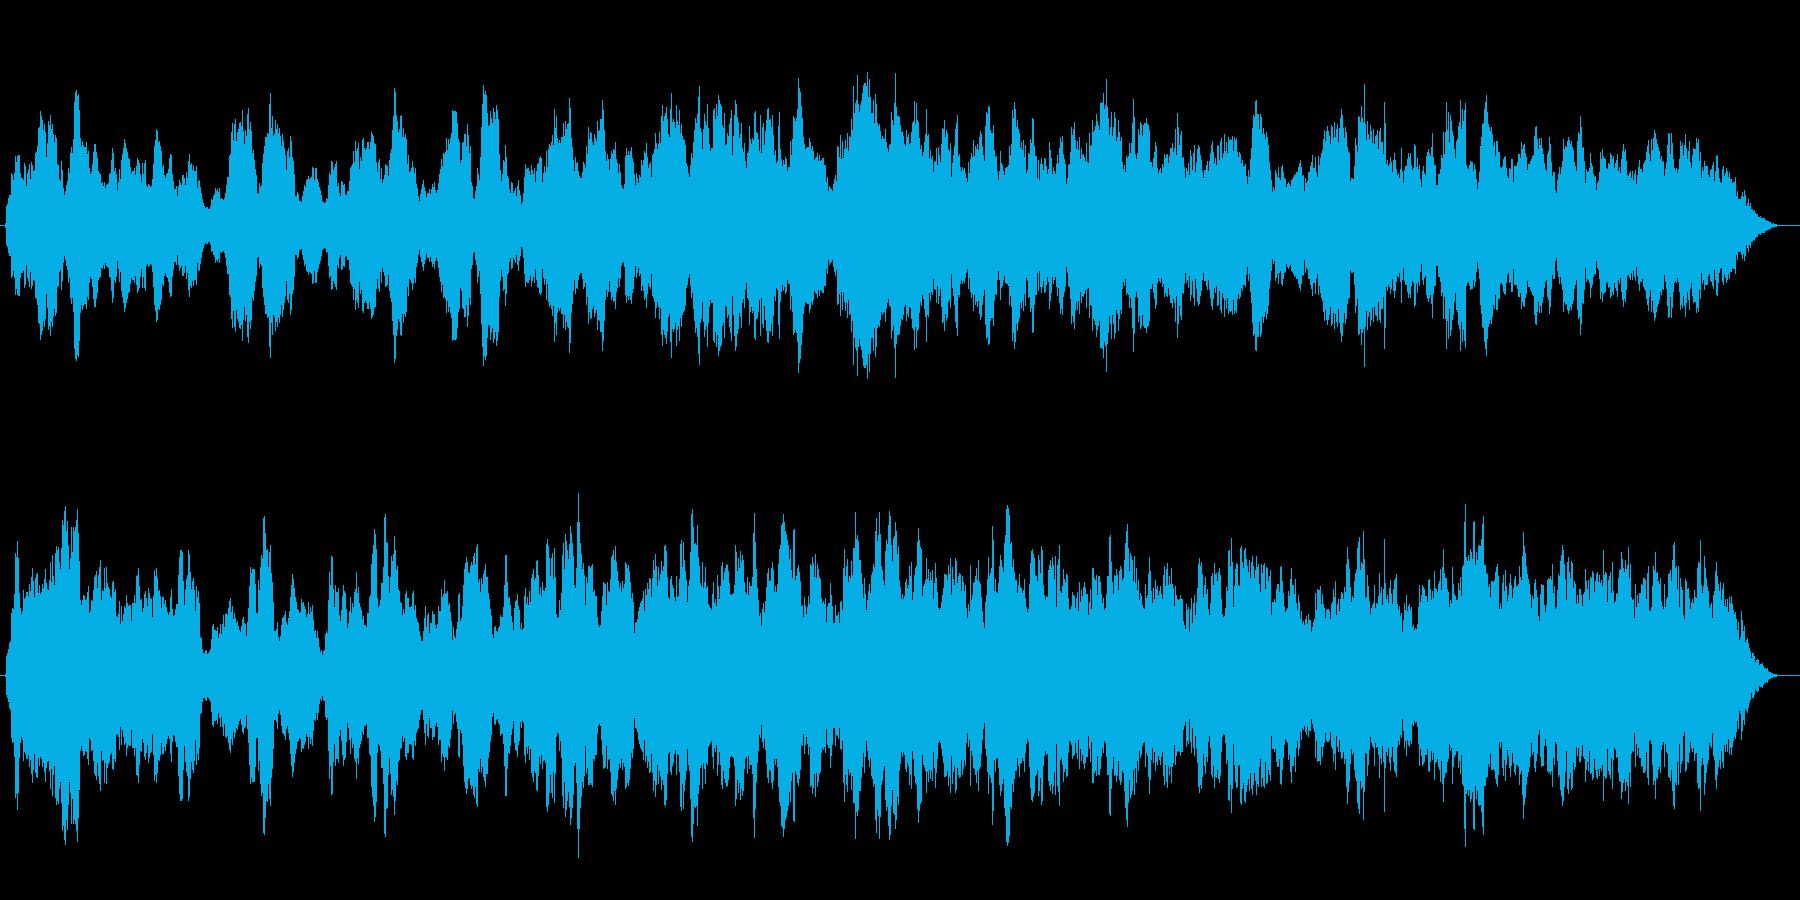 部屋でゆったりしたい時に聴く曲の再生済みの波形